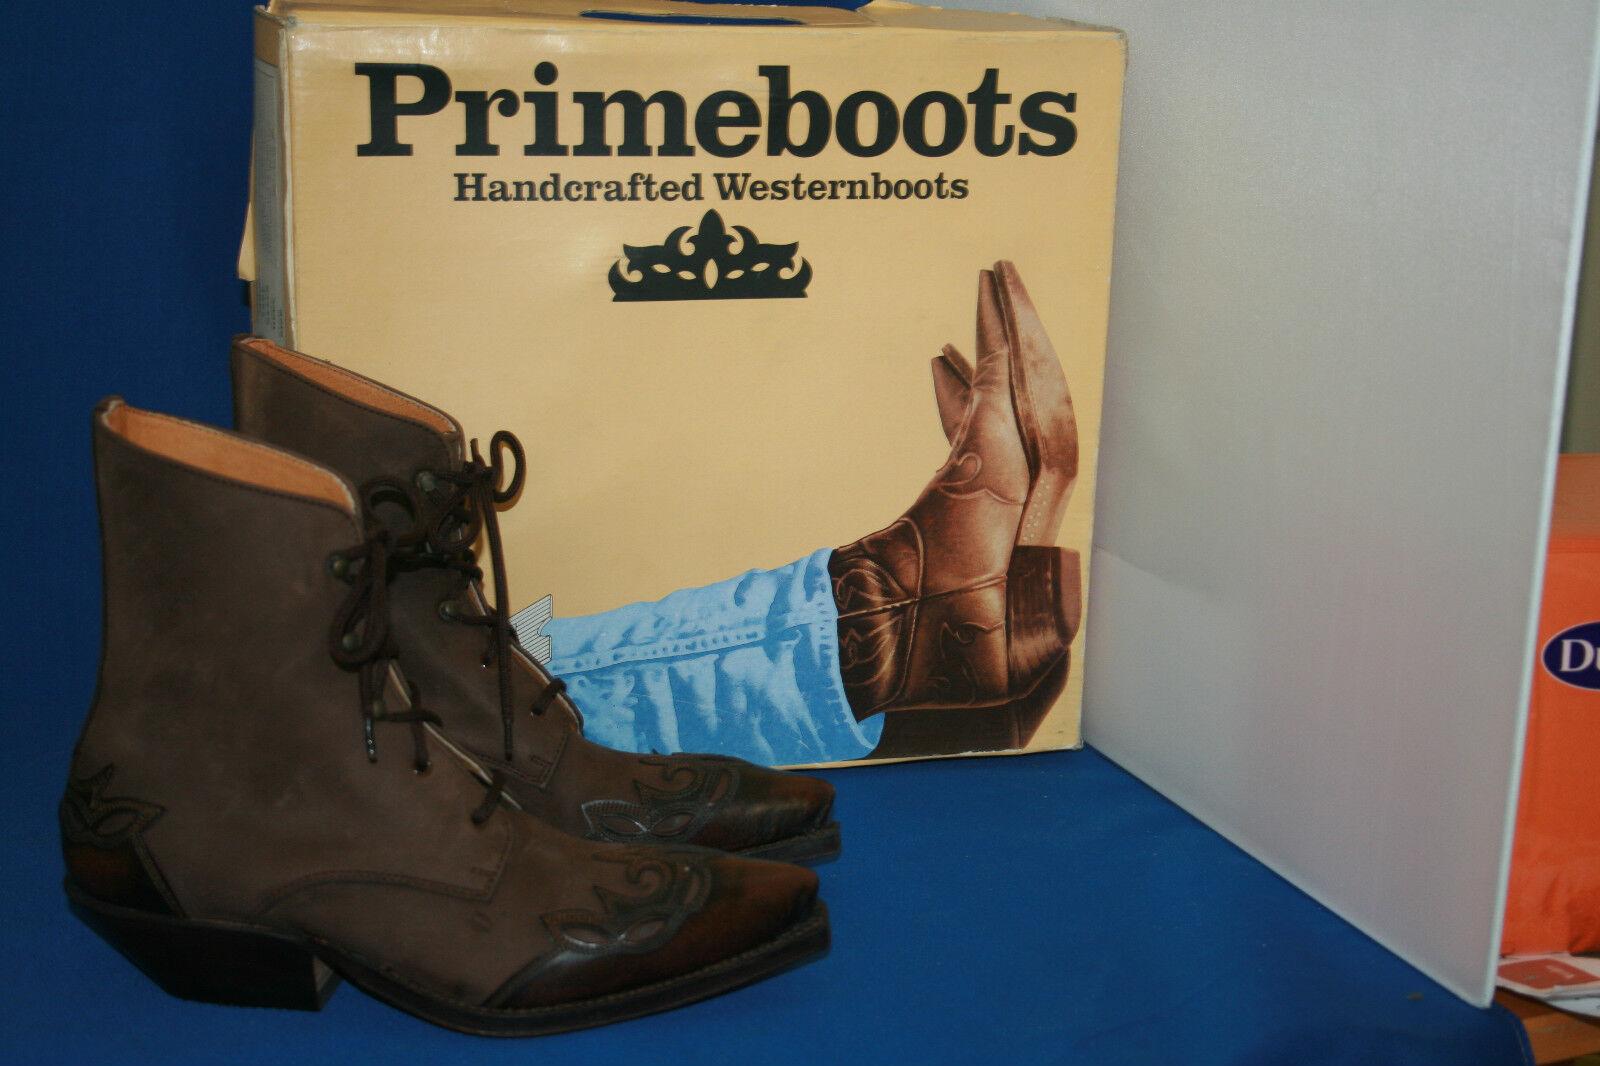 Prime botín Western bota botas vaqueras botas talla. 38 nuevo cuero marrón